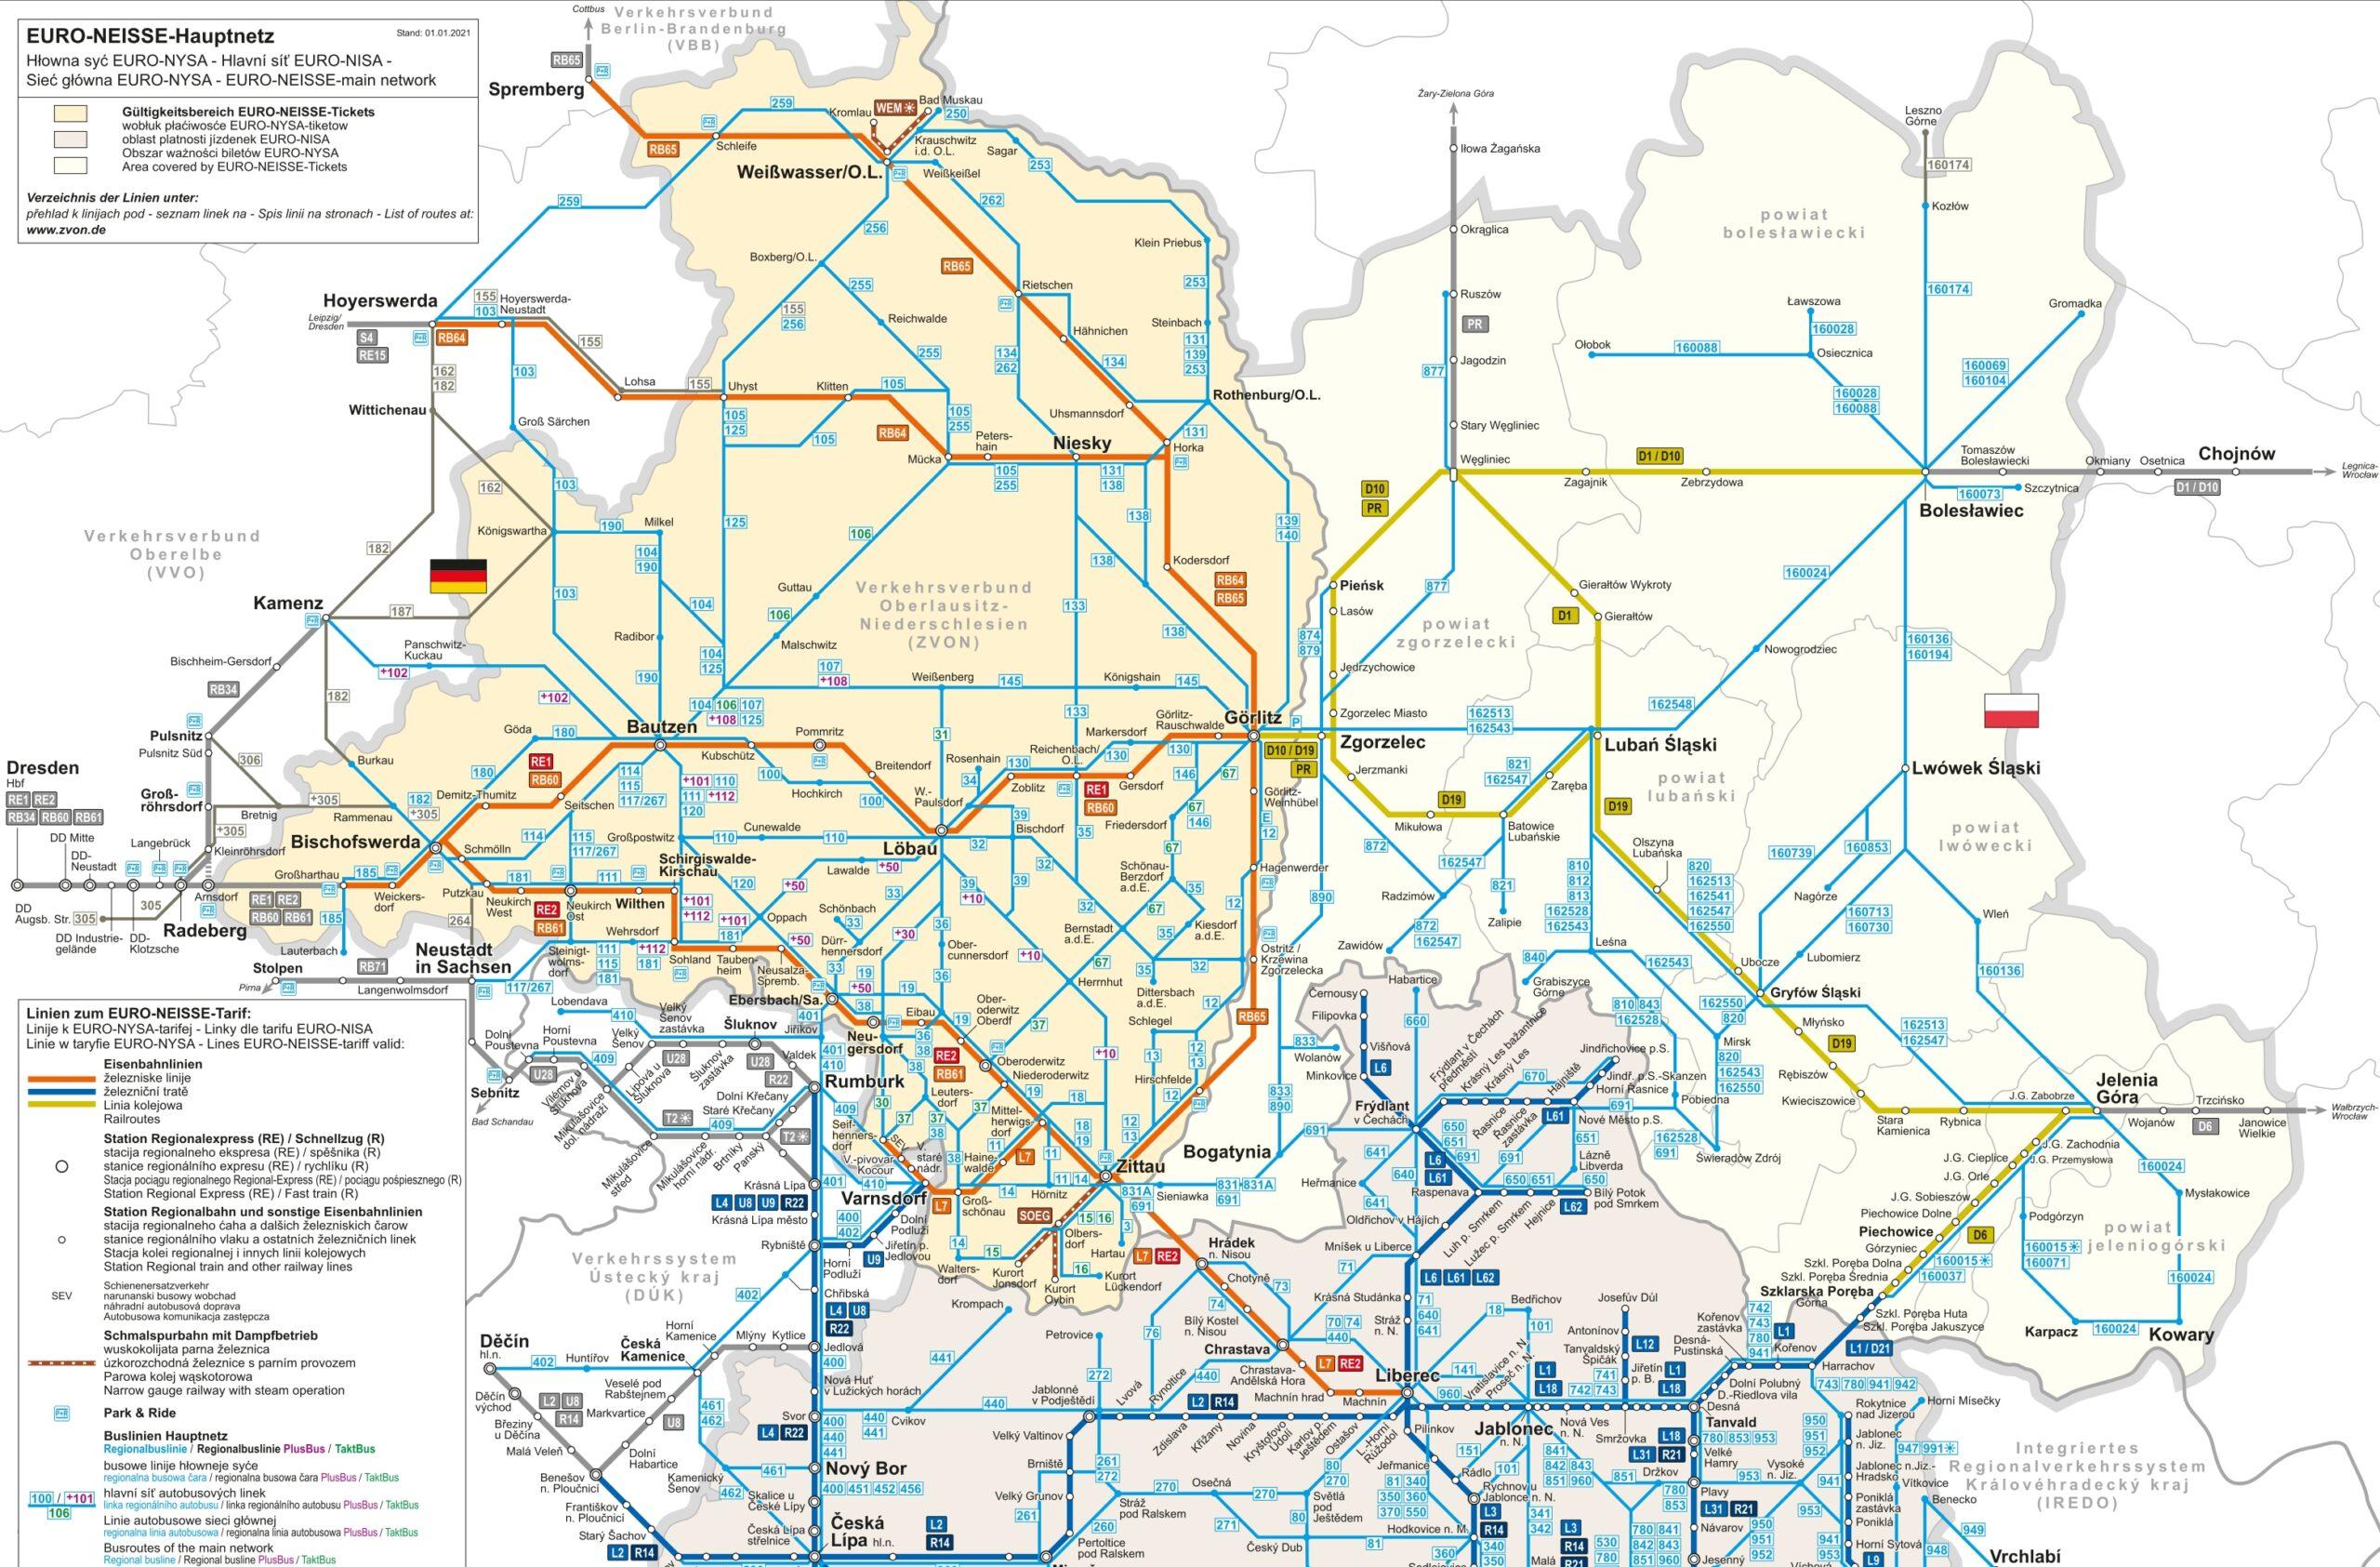 EURO-NEISSE-Hauptnetz (Ausschnitt), © ZVON